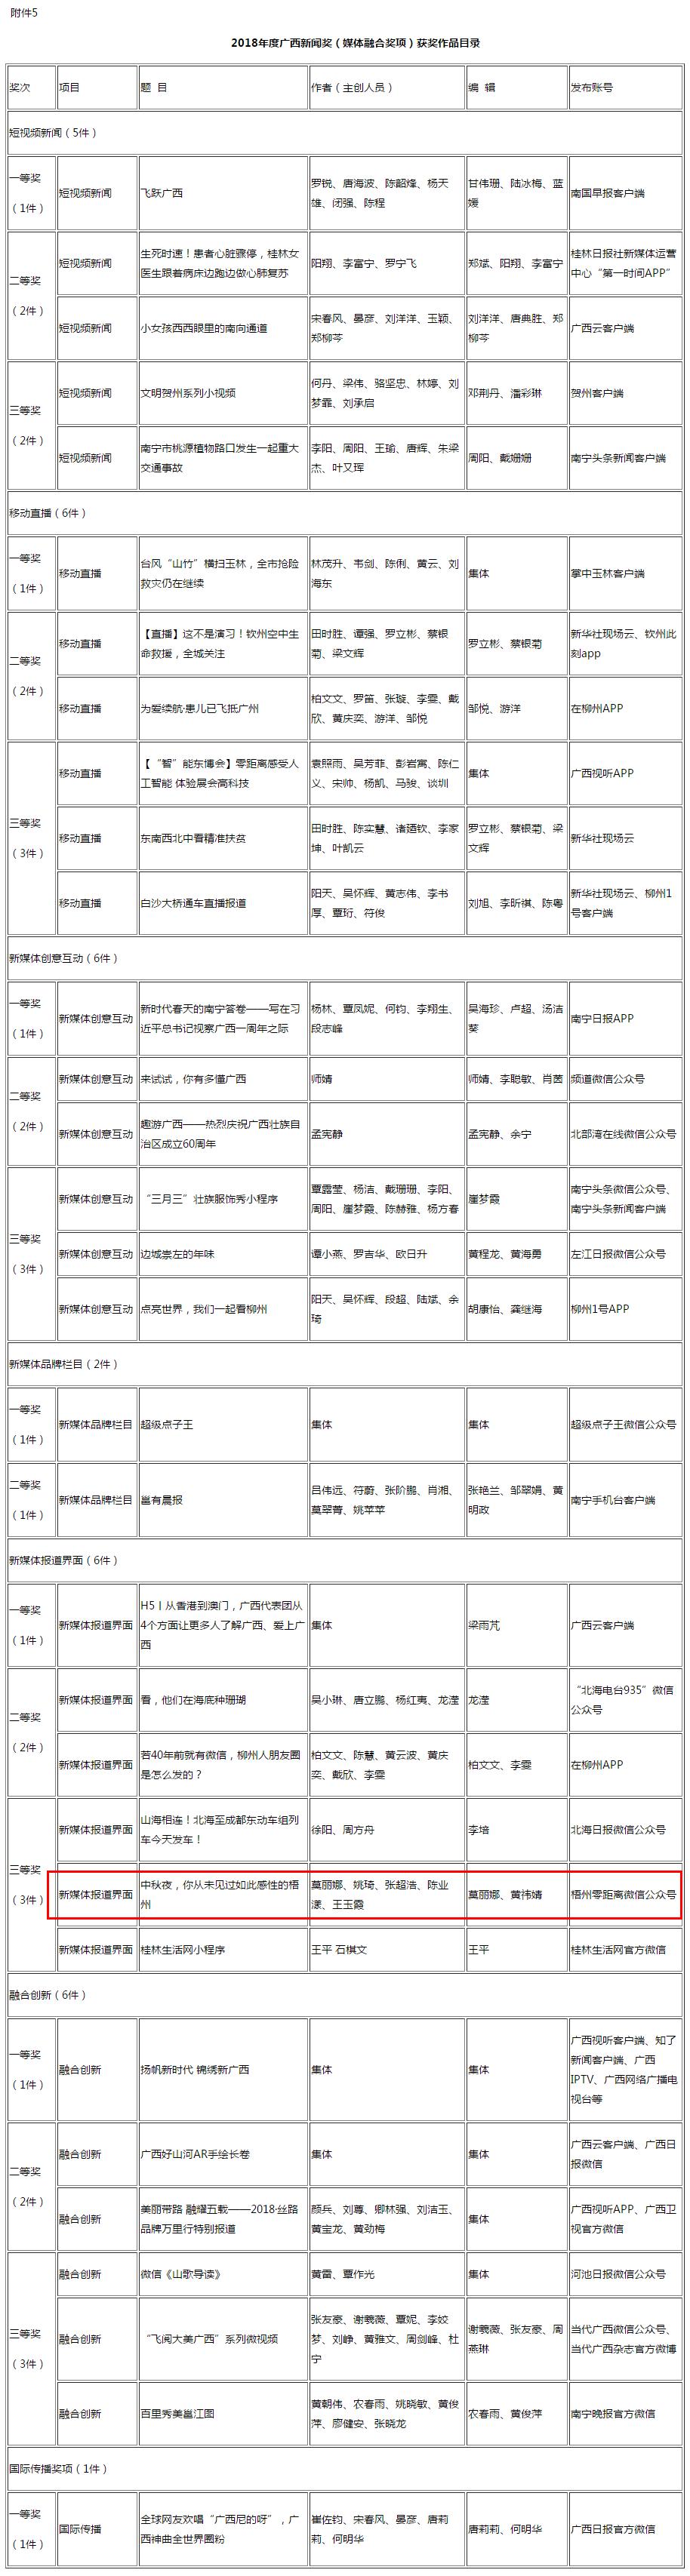 2018年度广西新闻奖评选结果公示